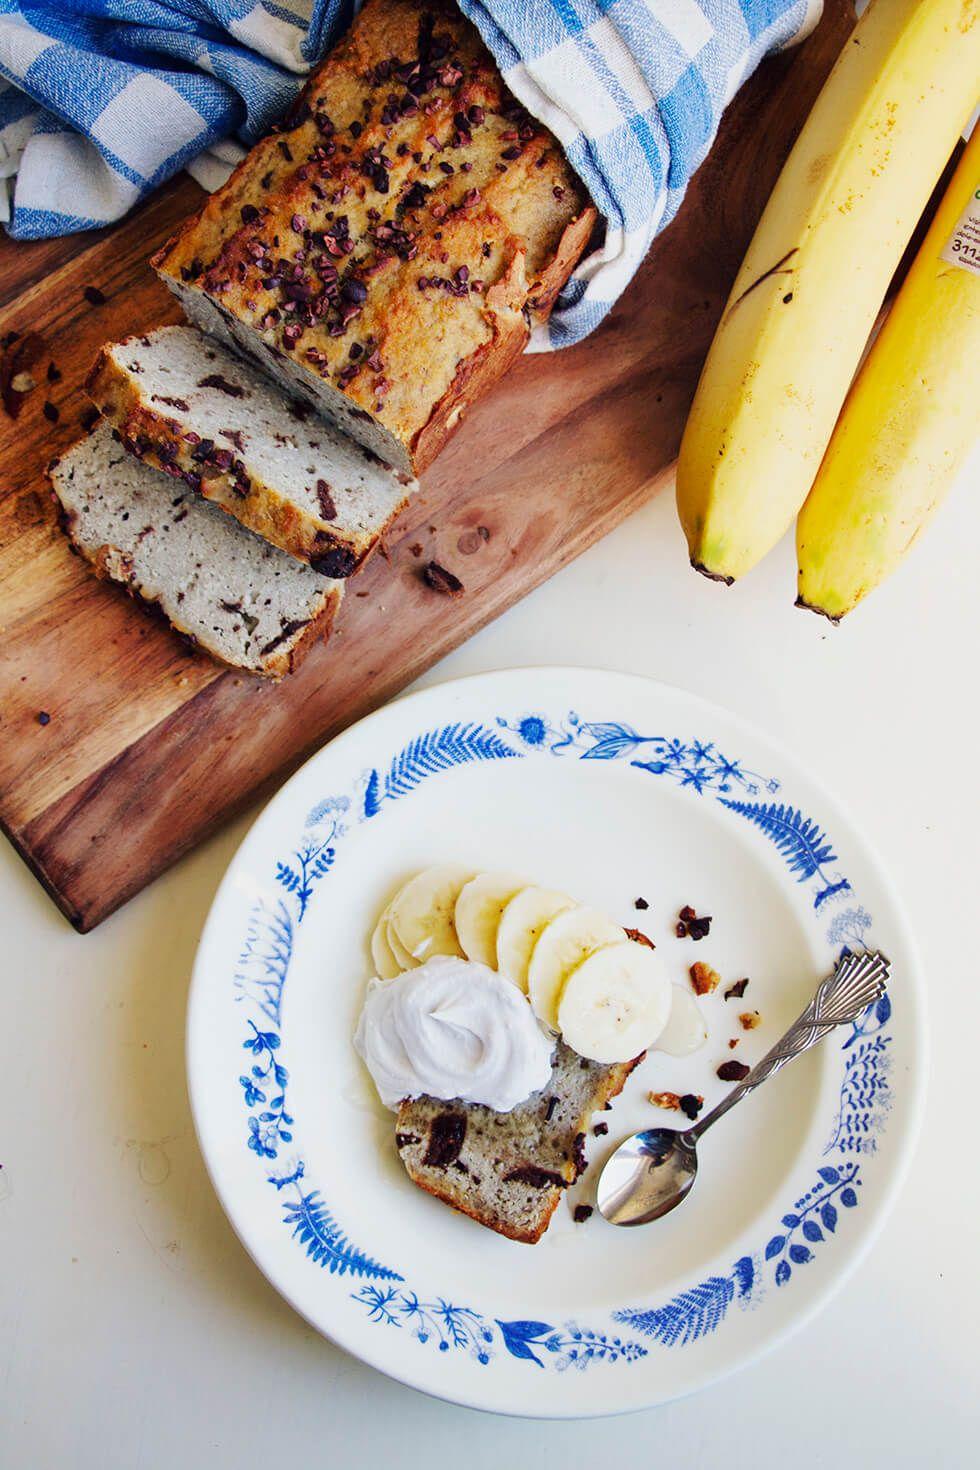 banan_och_choklad_kaka_2